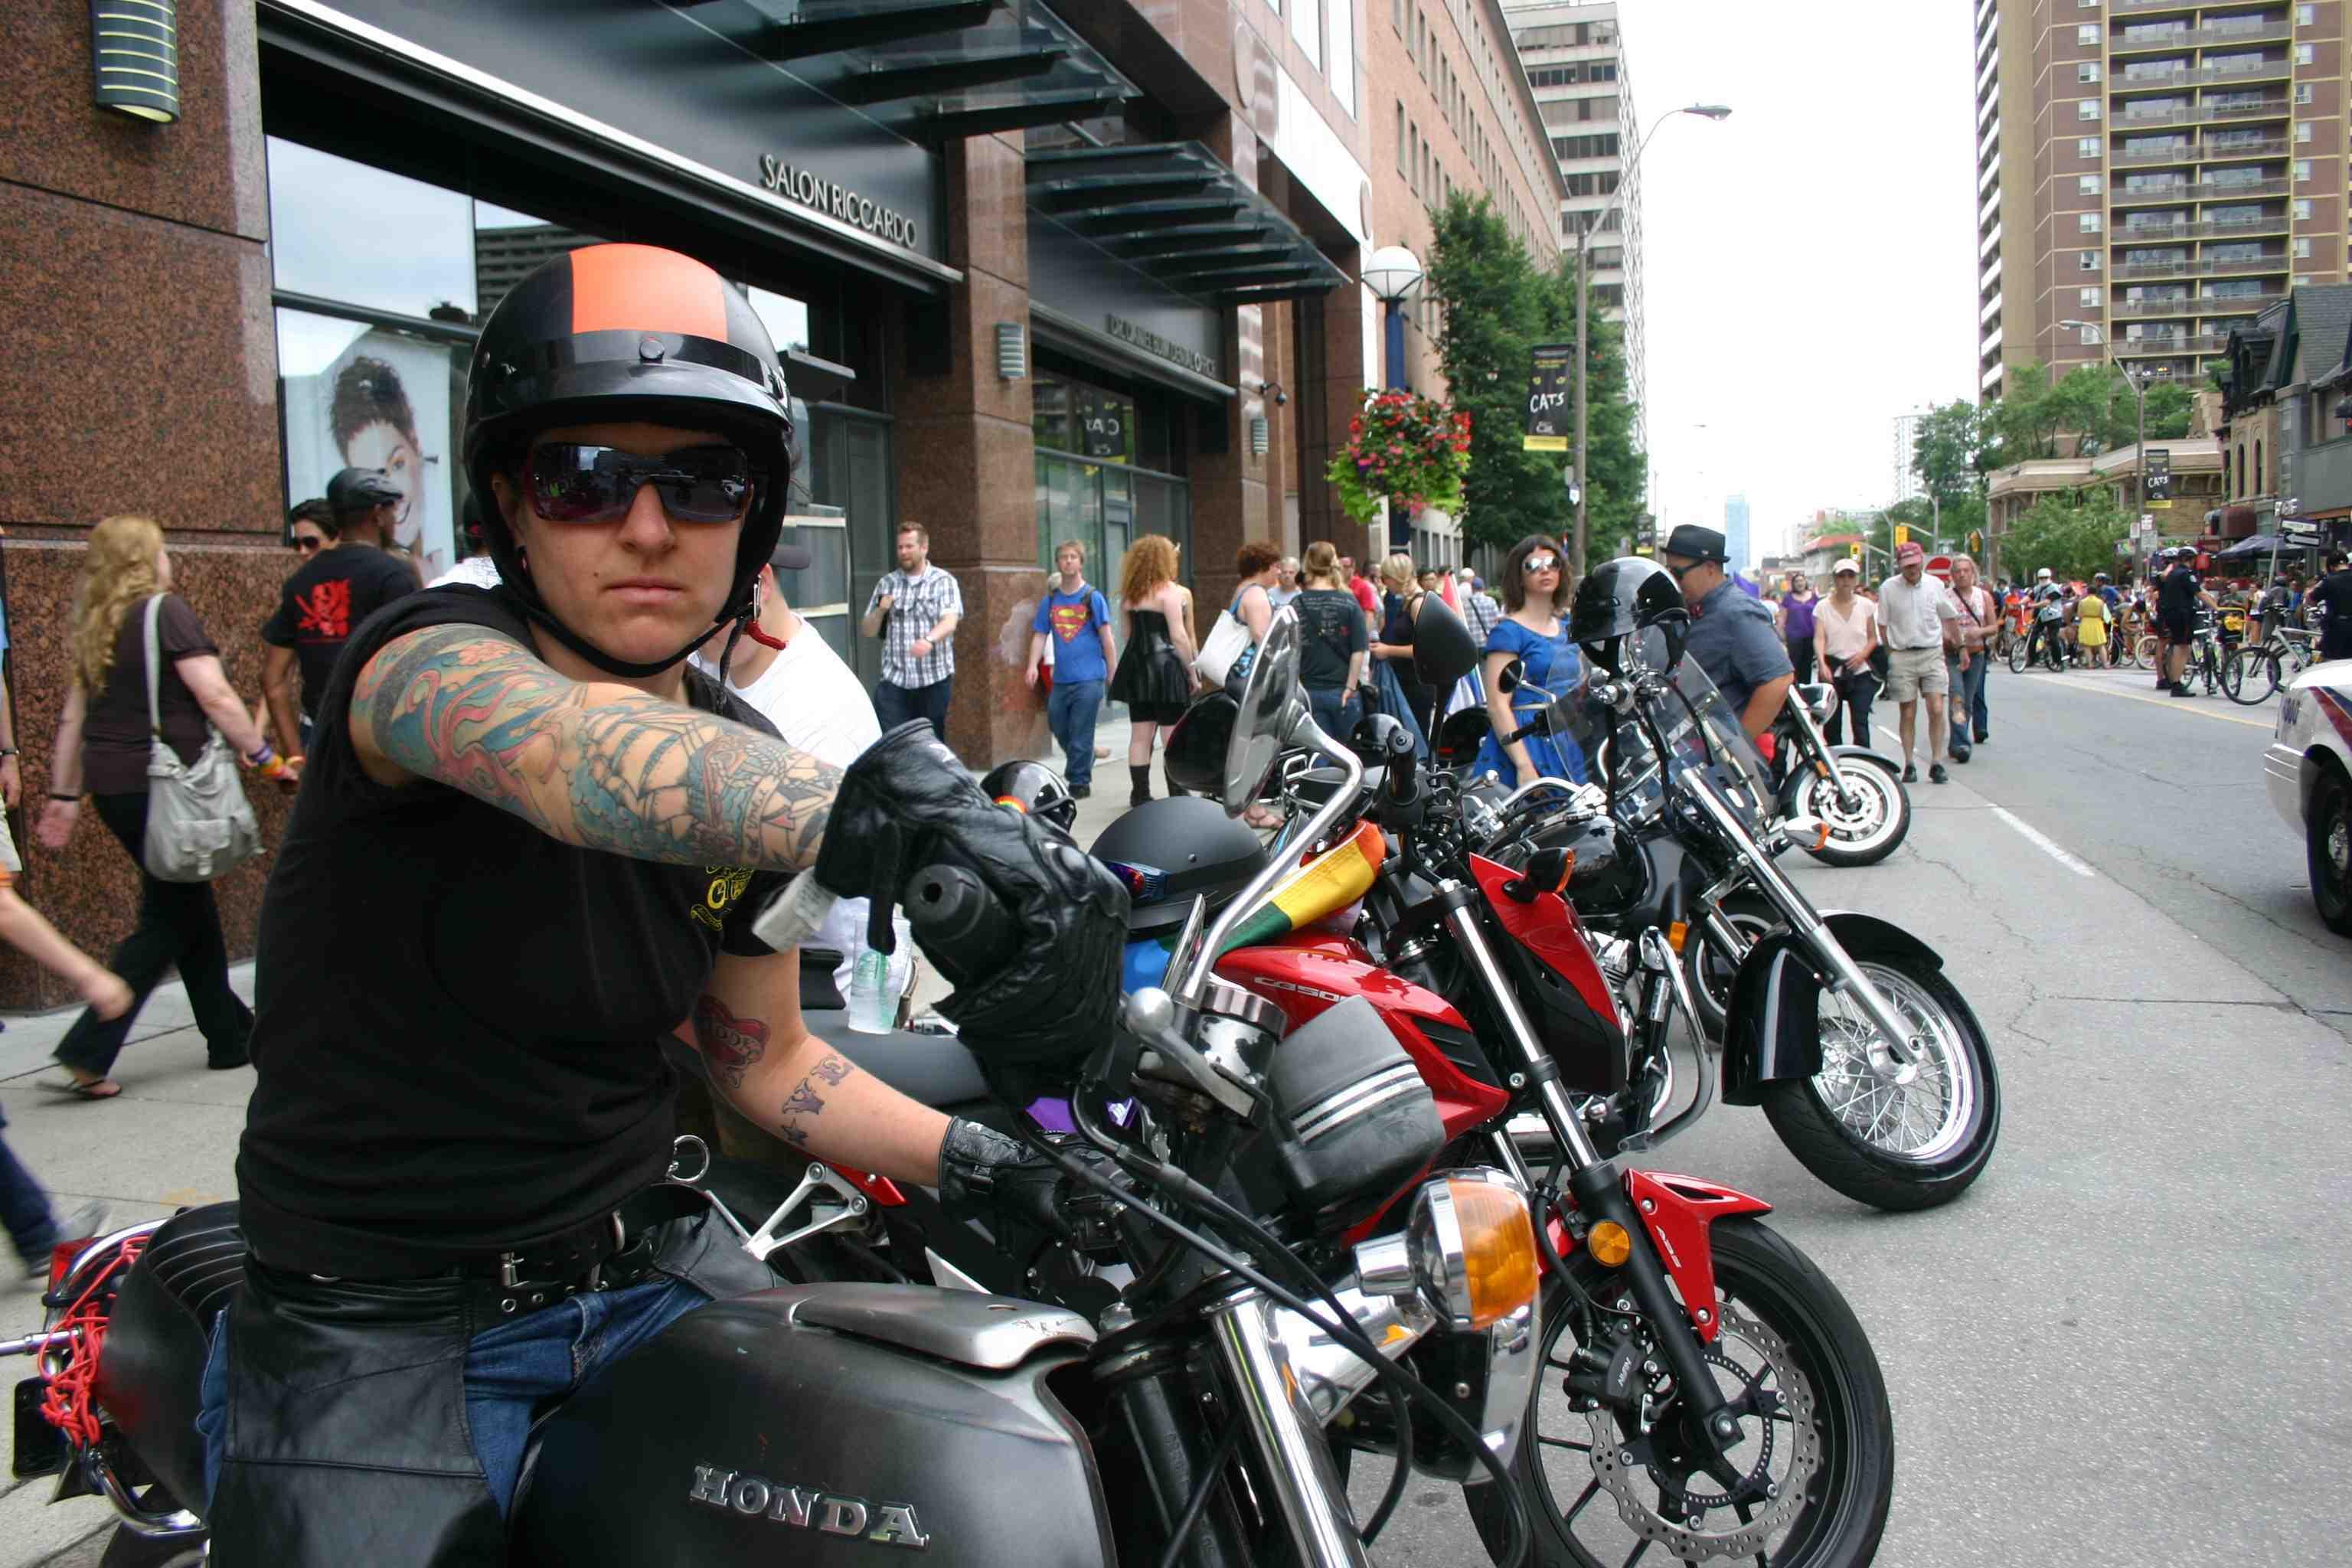 Dyke on Byke zu Beginn vom Dyke March: Toronto Pride: Bilder und Beobachtungen vom 29. und 30. Juni 2013